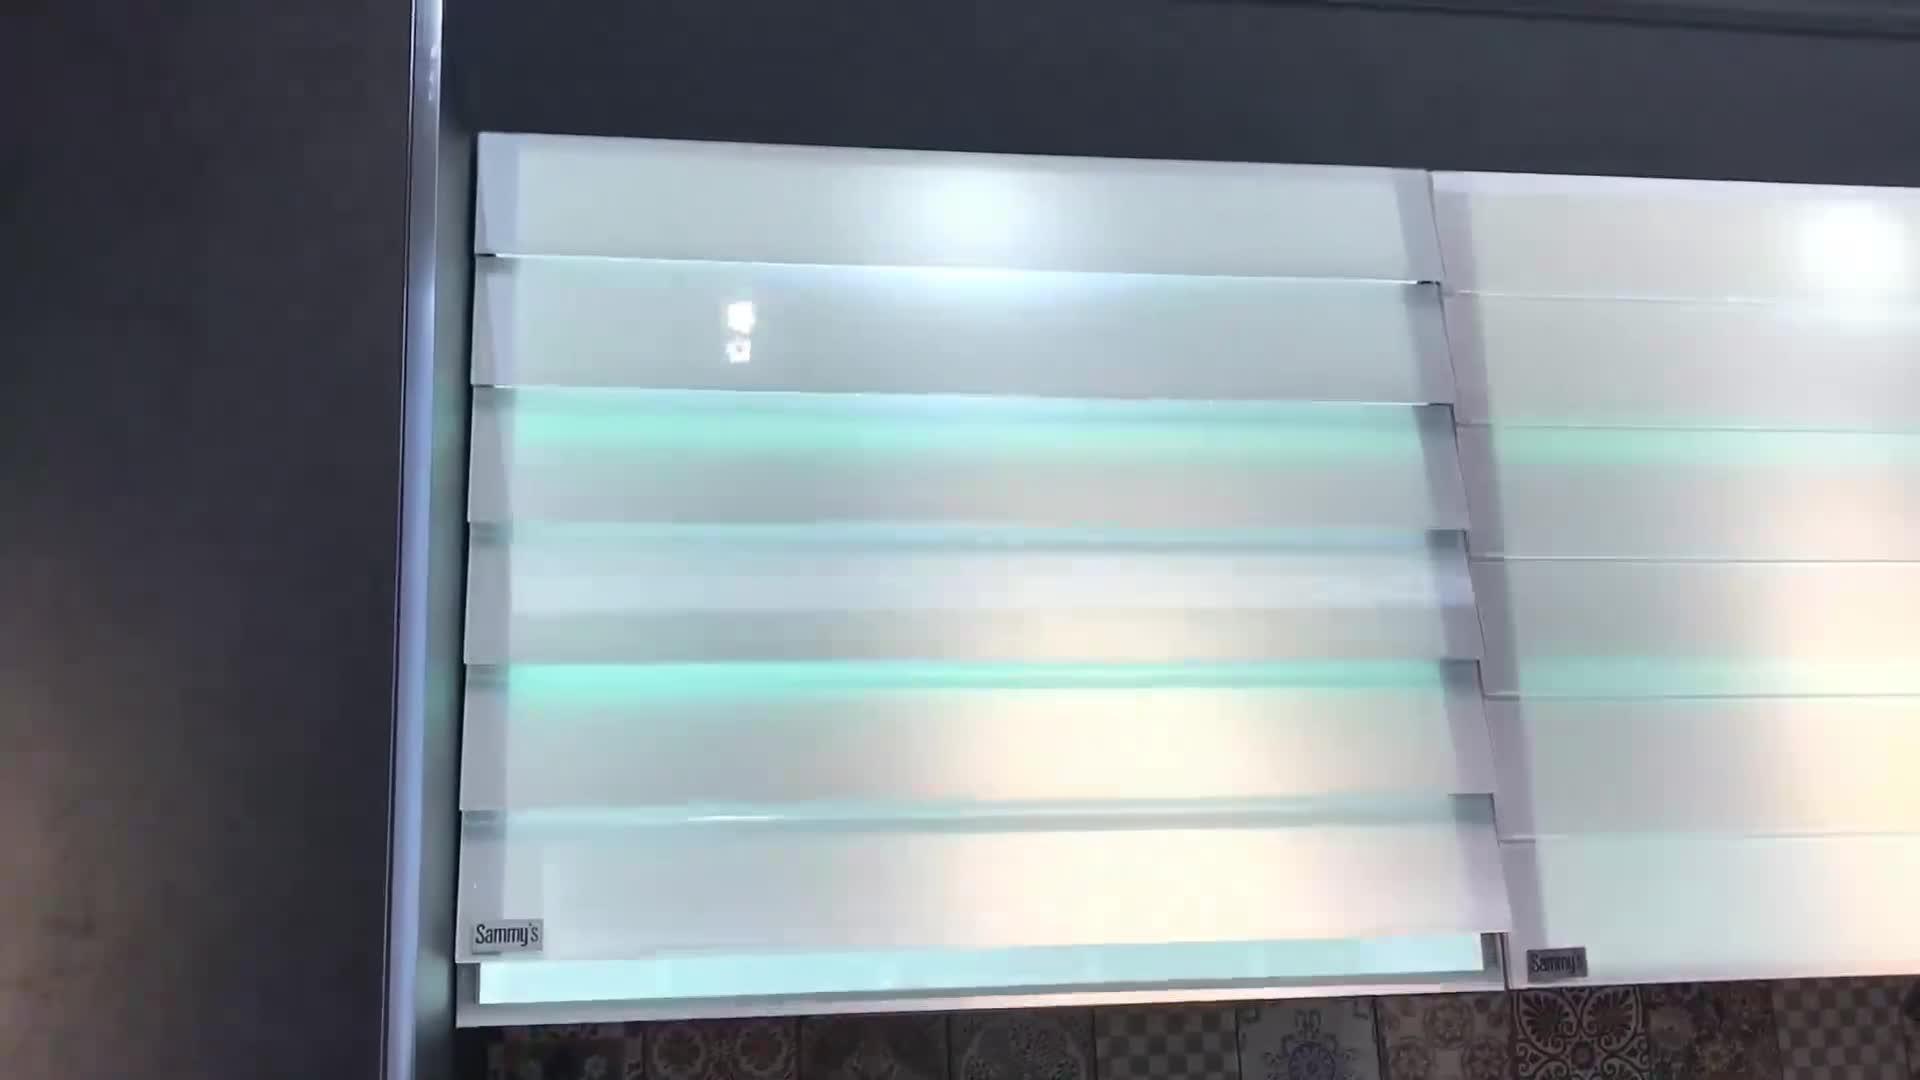 Kleine küche designs aluminium glas moderne küche schrank design gehärtetem glas tür